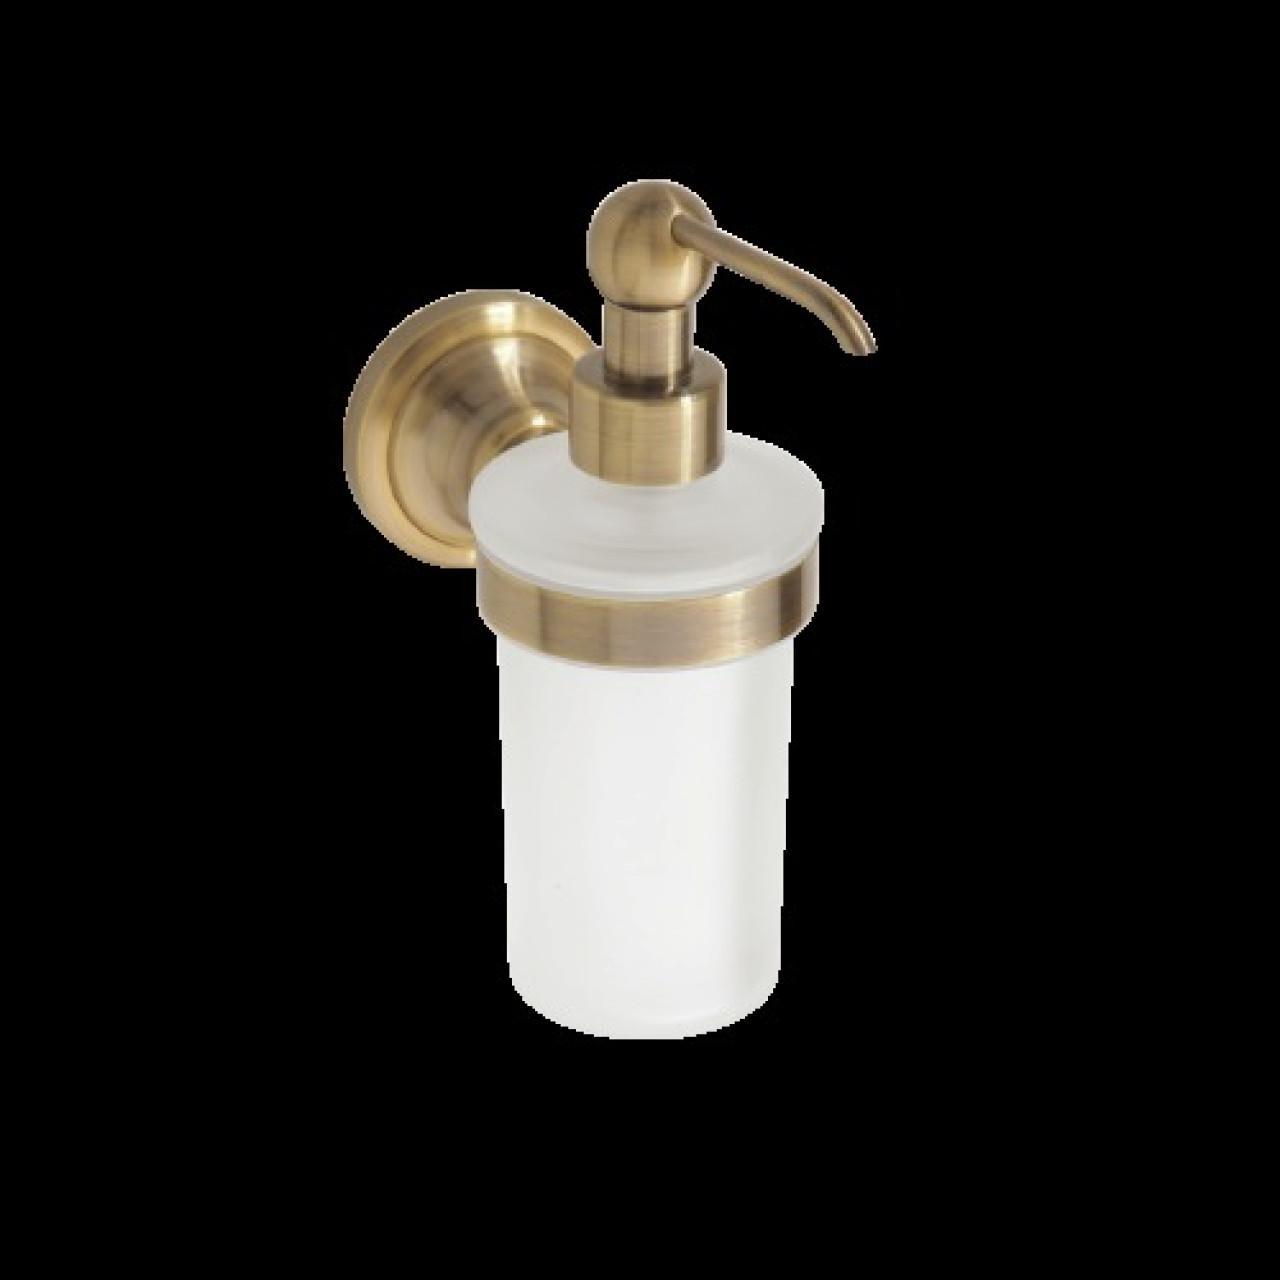 Настенный дозатор мыла BEMETA RETRO 144209018 Хром-золото купить в Москве по цене от 2930р. в интернет-магазине mebel-v-vannu.ru